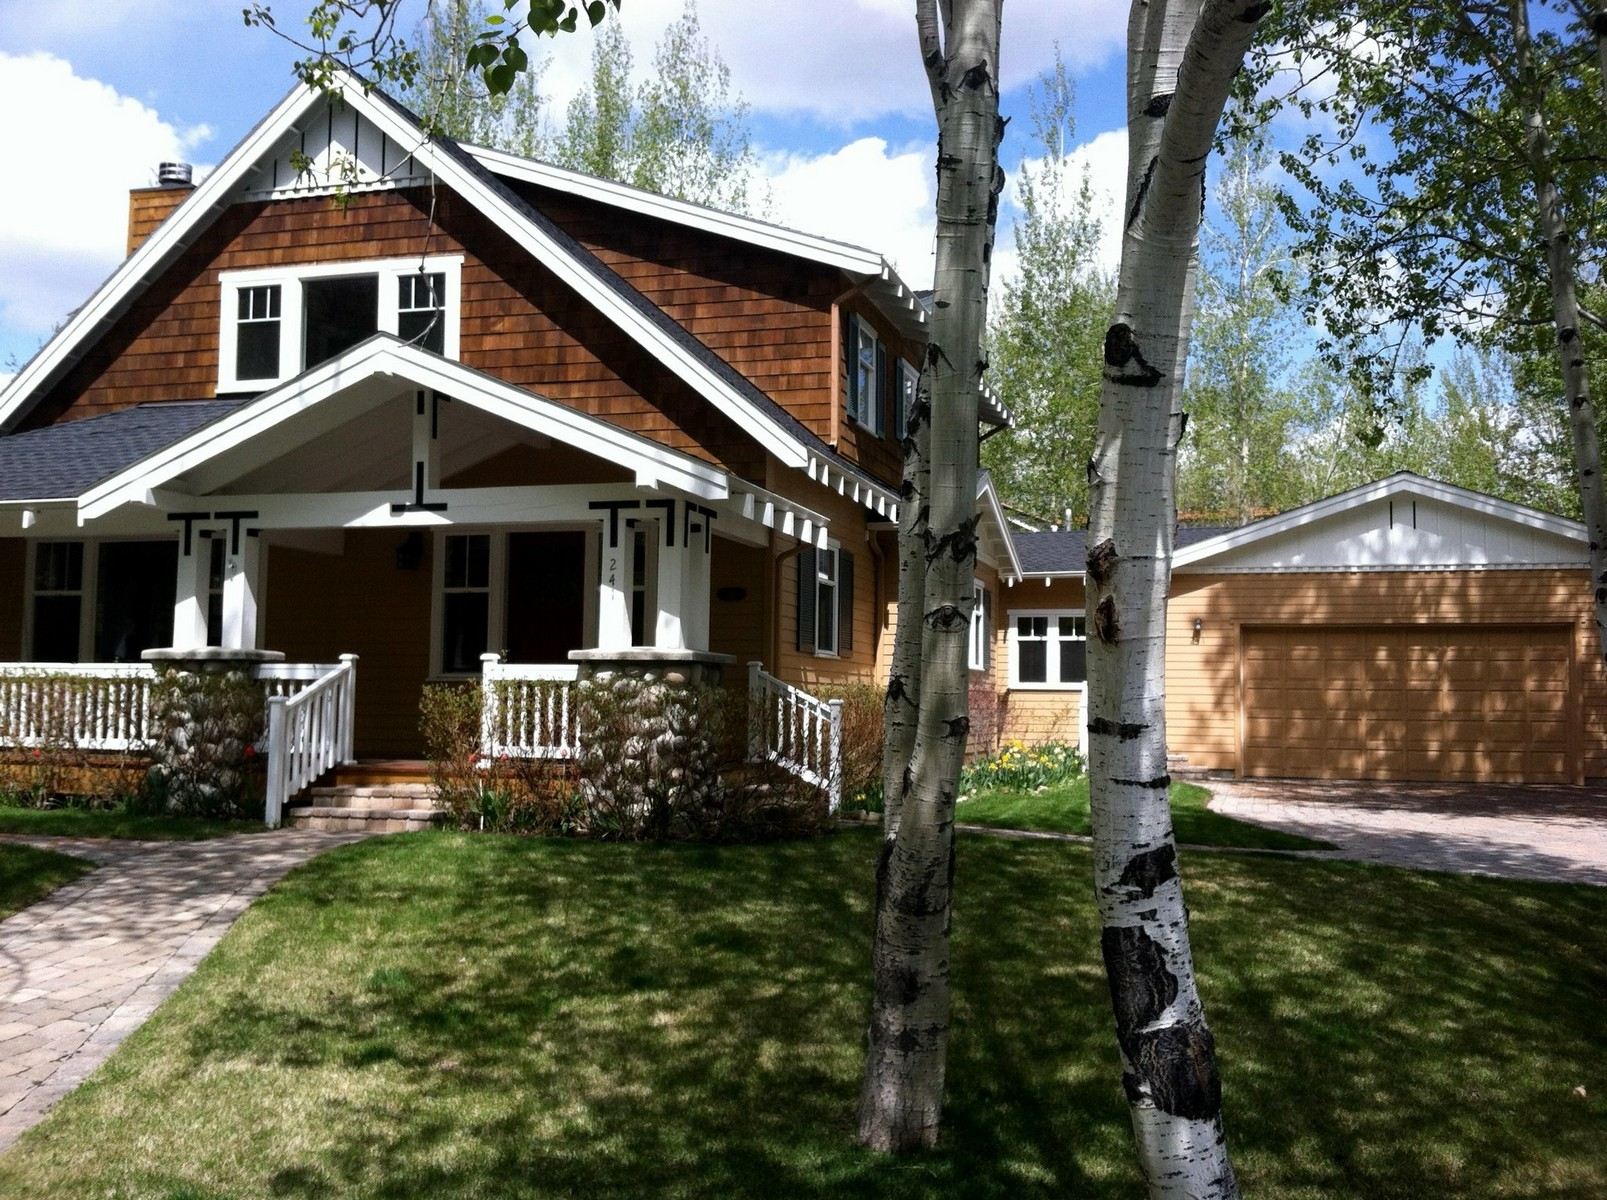 Casa para uma família para Venda às Cedar Bend Craftsman 241 W Cedar St Hailey, Idaho, 83333 Estados Unidos